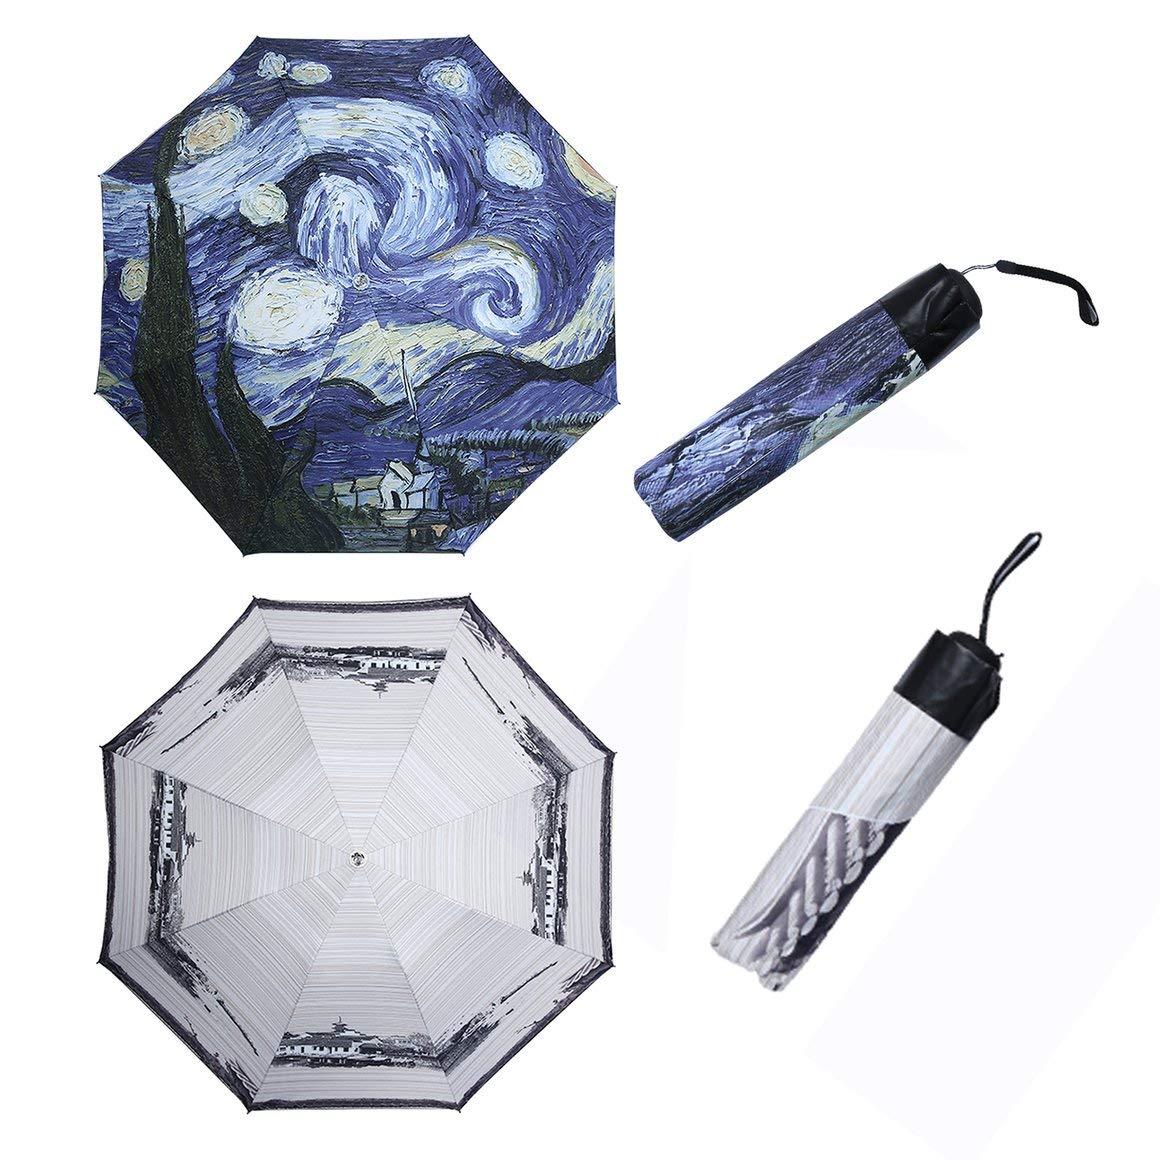 Color Funnyrunstore 2017 Paraguas con Estilo Van Gogh Pintura al /óleo Arts Paraguas Innovador Paraguas para Todo Clima Recubrimiento Dentro del Paraguas Anti UV